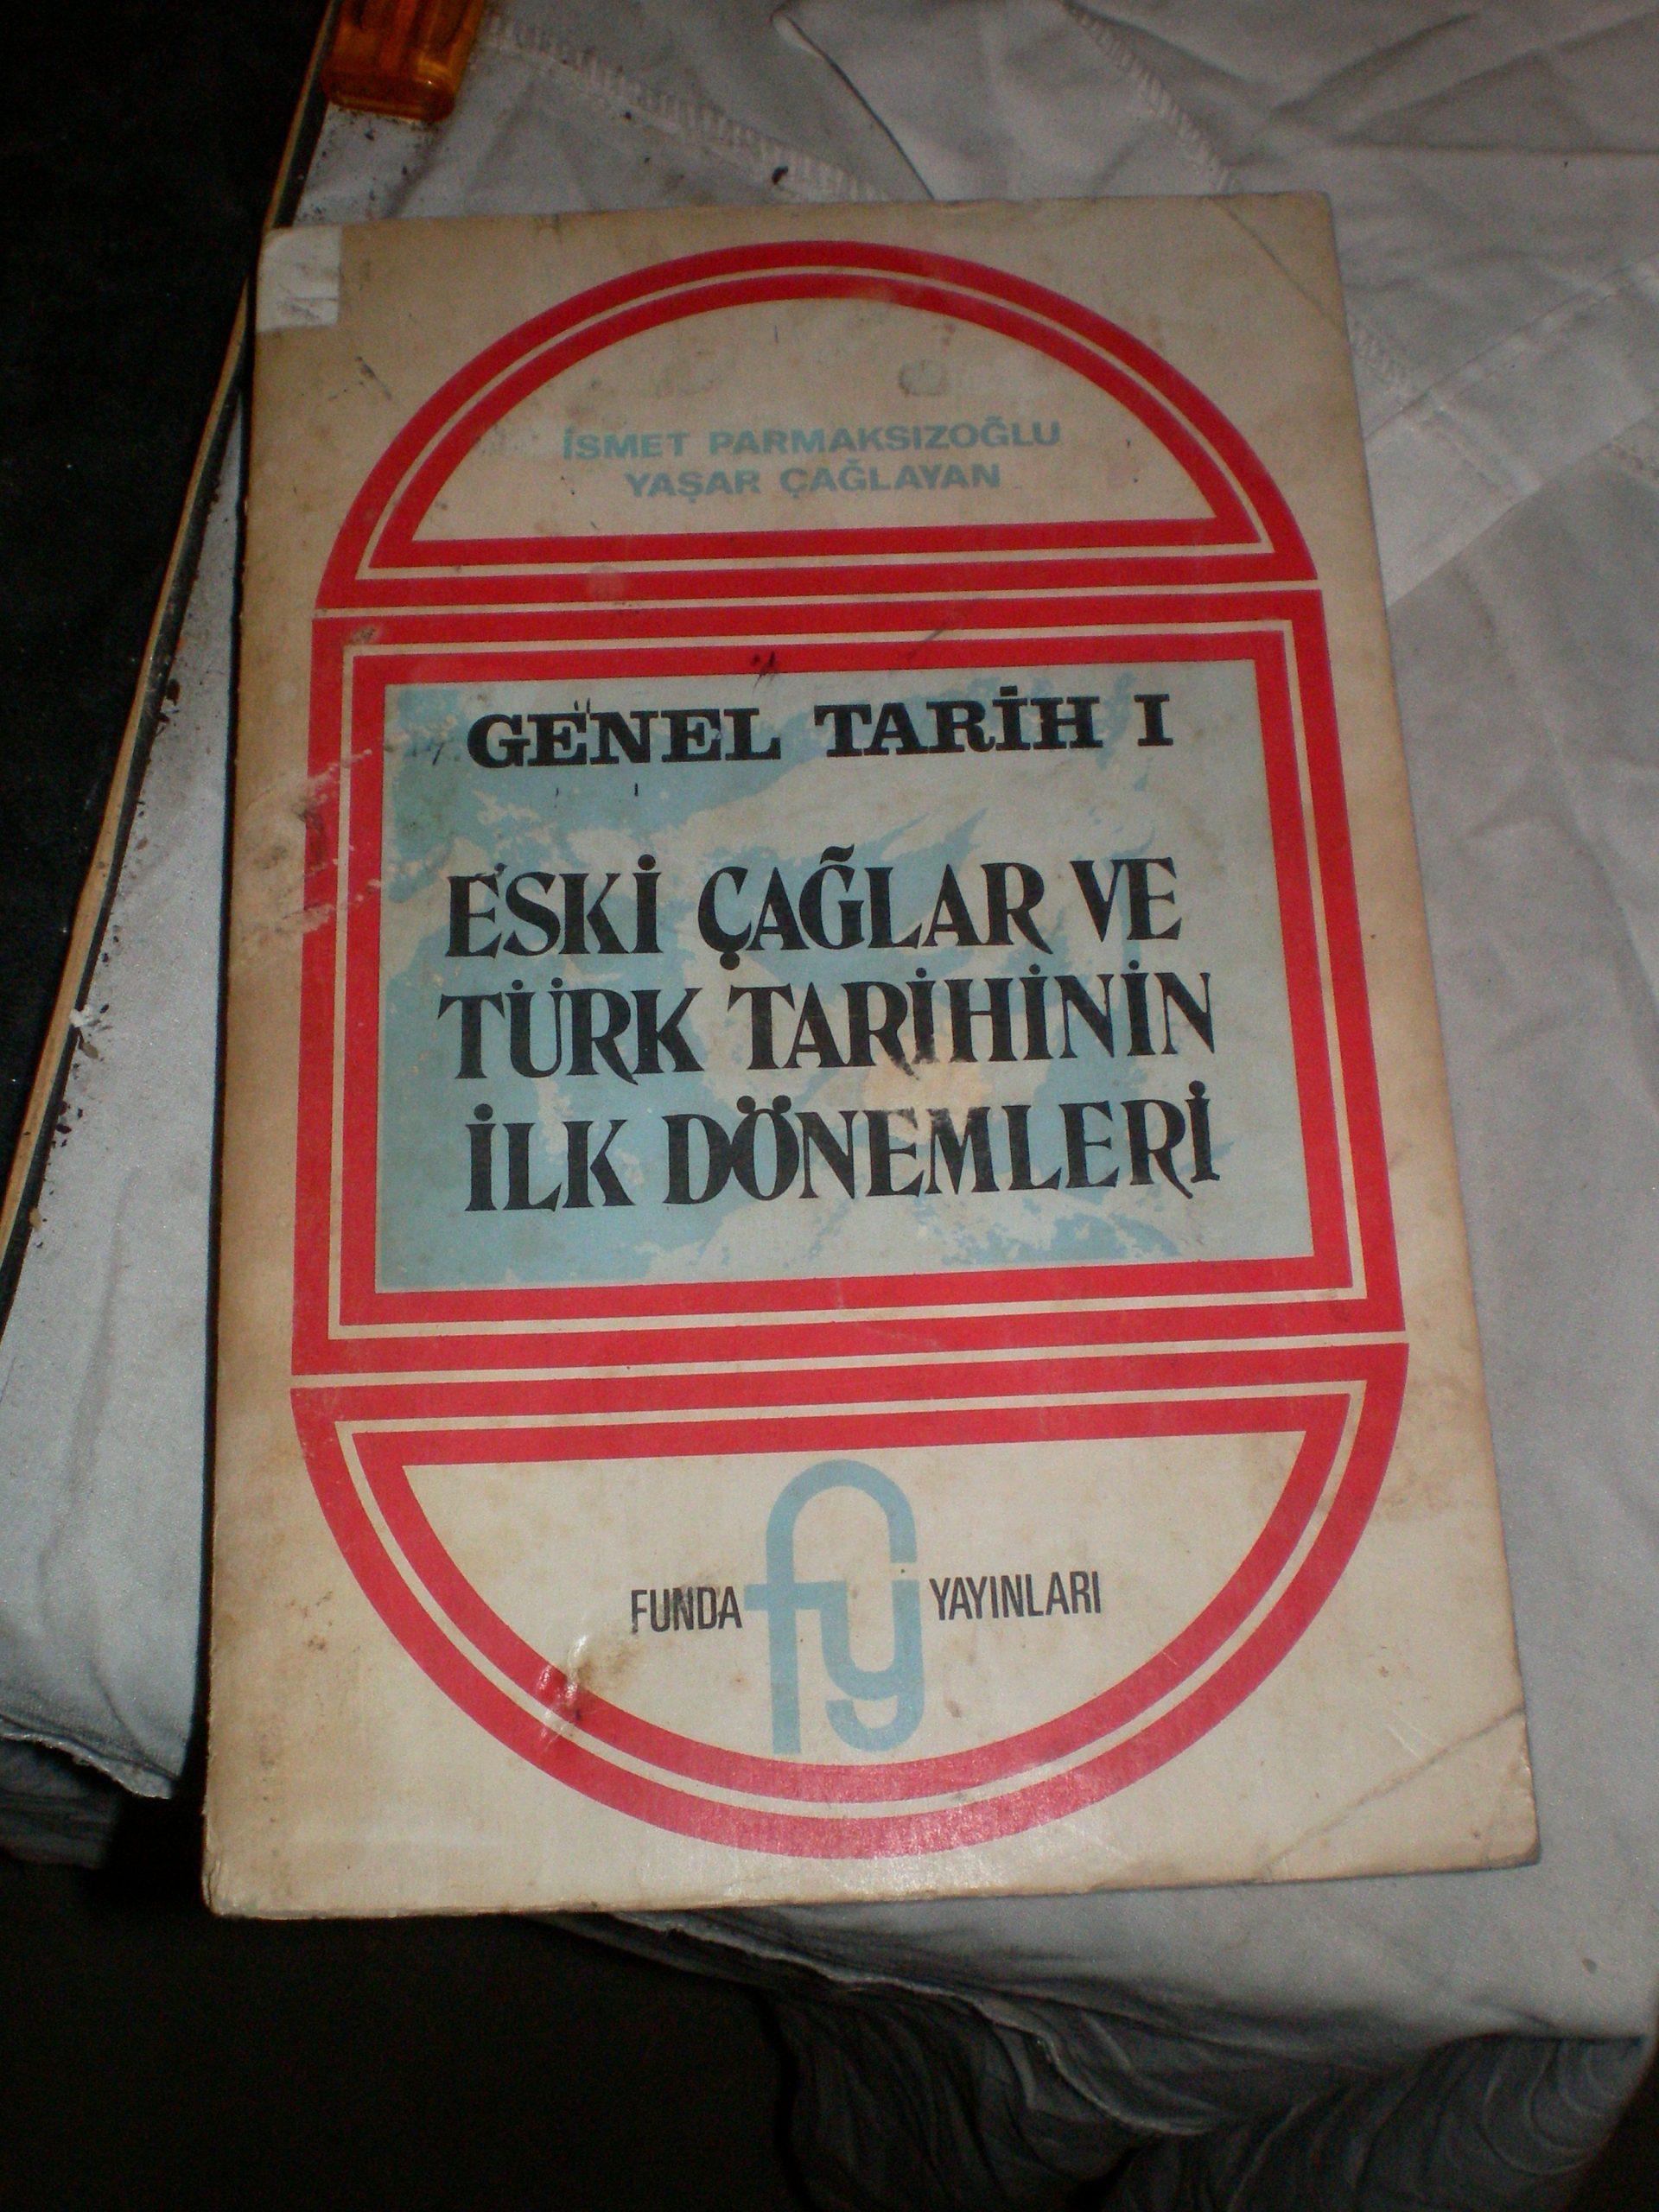 GENEL TARİH 1:ESKİ ÇAĞLAR VE TÜRK TARİHİNİN İLK DÖNEMLERİ/İ.Parmaksızoğlu-Yaşar ÇAĞLAYAN/20 tl